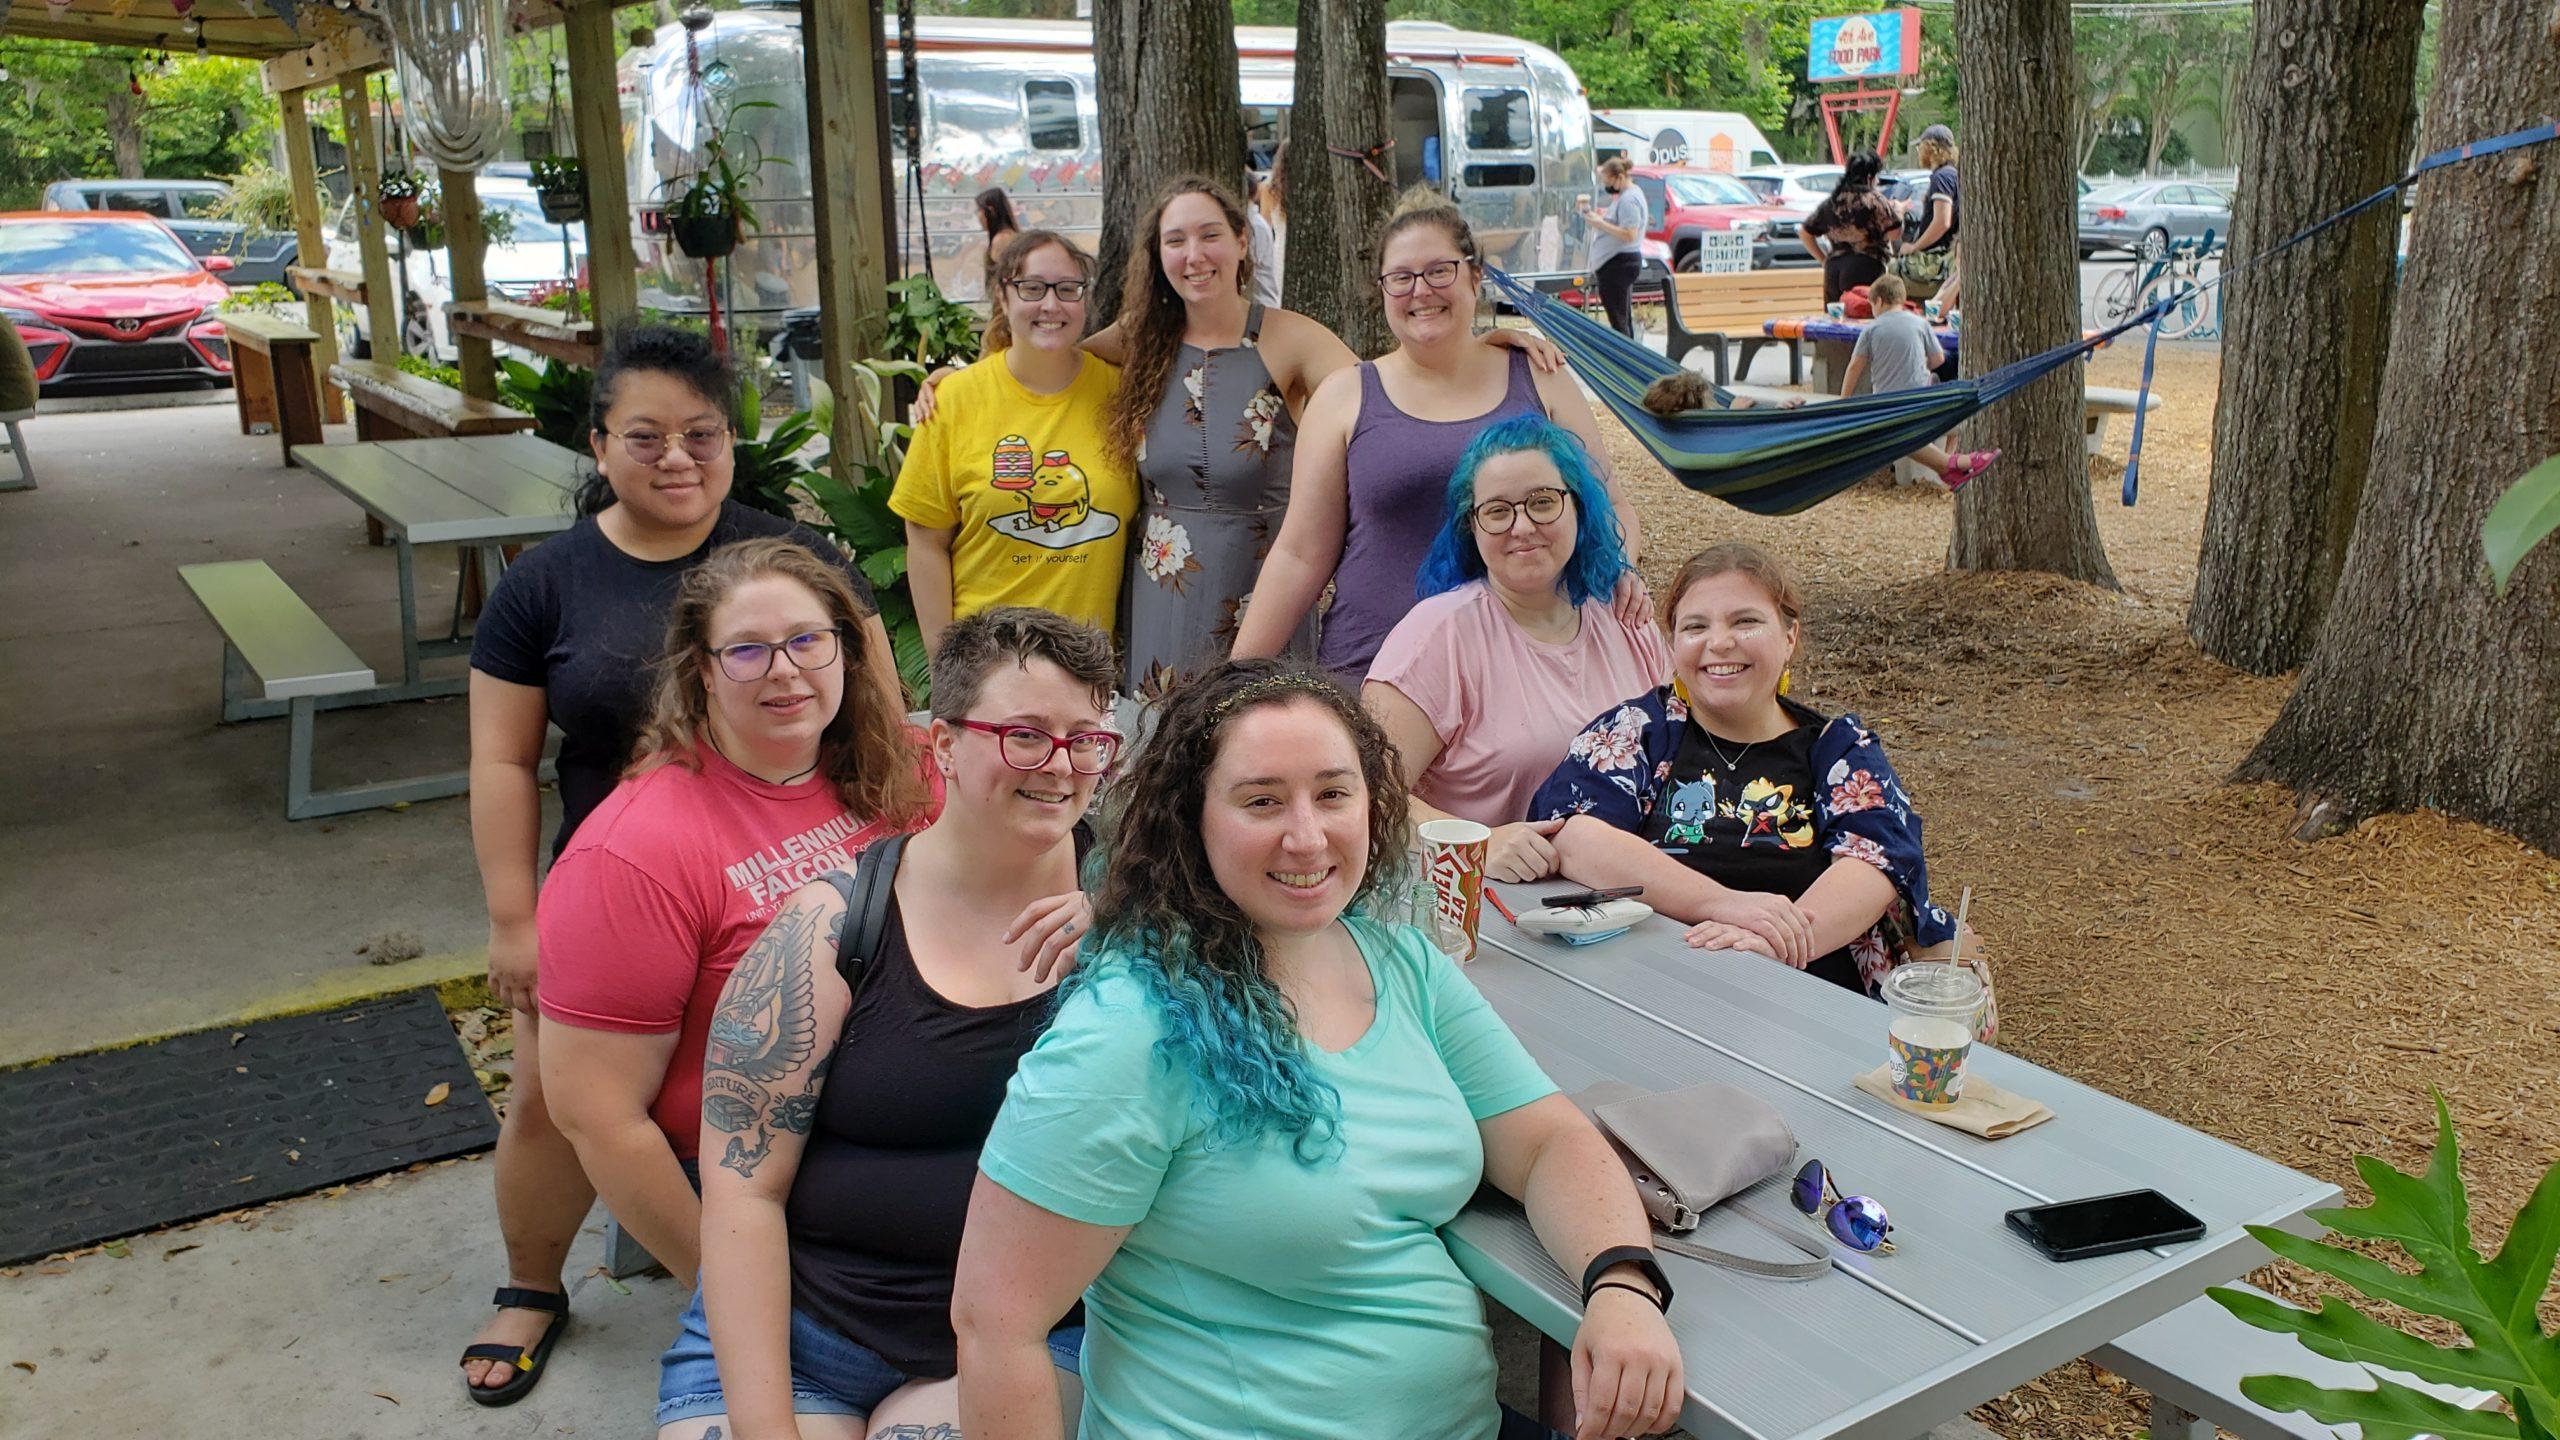 Geek Girl Brunch Gainesville's Memorial Day Meet Up